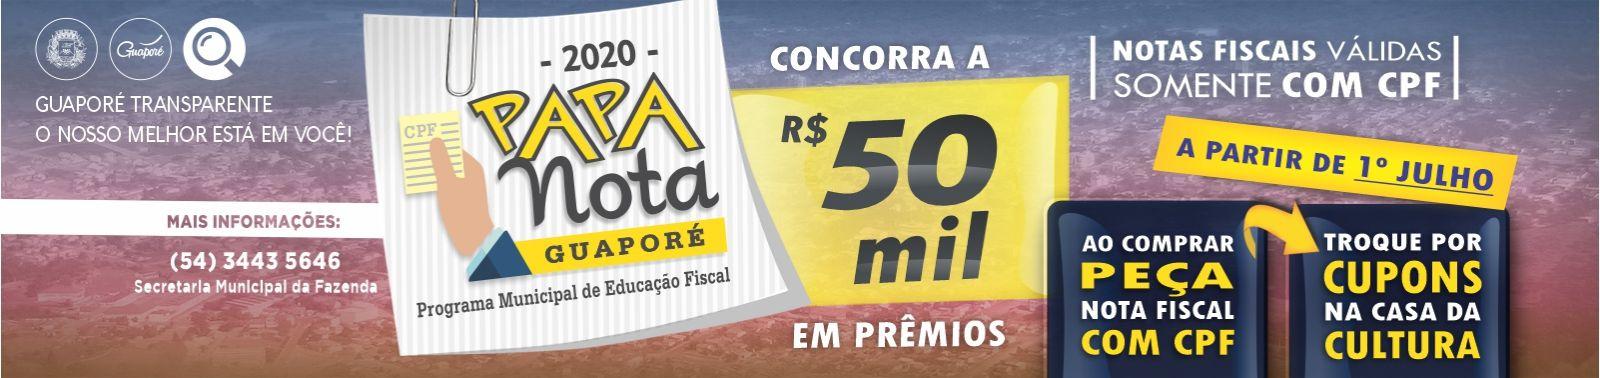 Banner 4 - Papa Nota - CUPONS